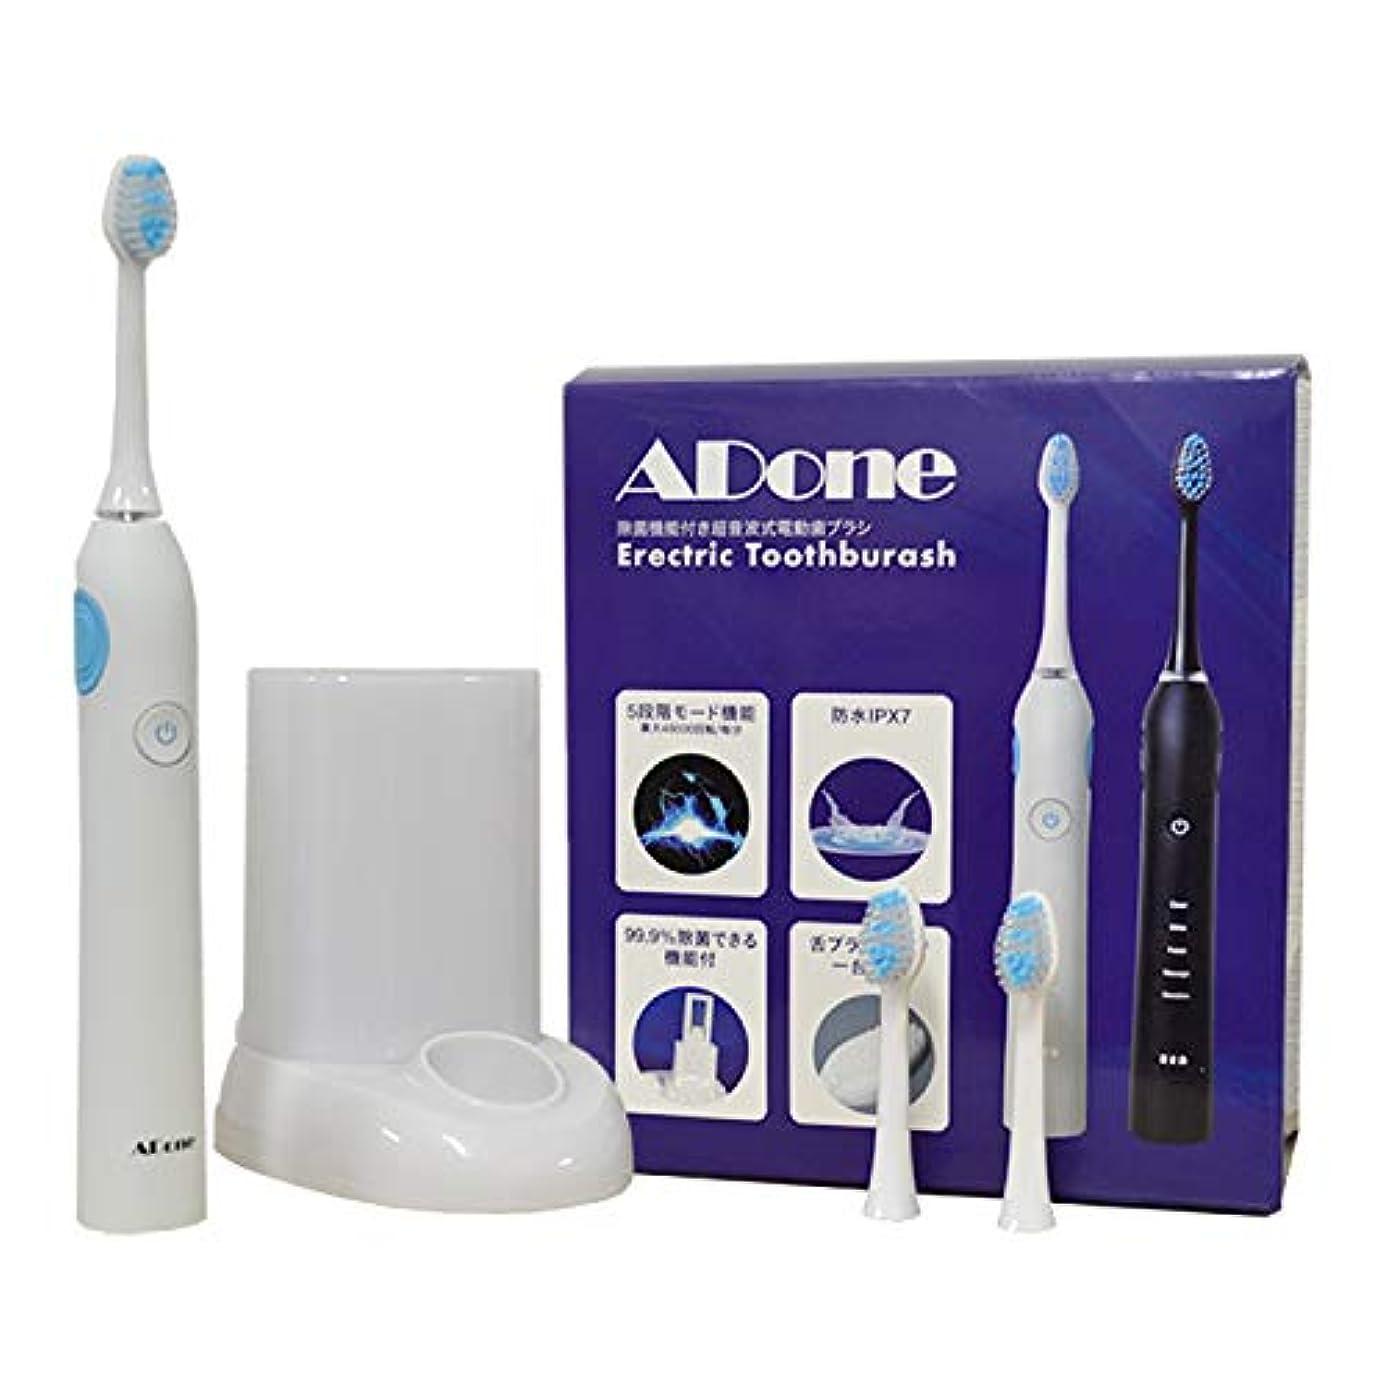 はぁ葉を集める霧深い国内ブランド アドワン 電動歯ブラシ UV除菌機能付き 歯ブラシ ブラック IPX7防水 替えブラシ3本 デンタルケア (ホワイト)